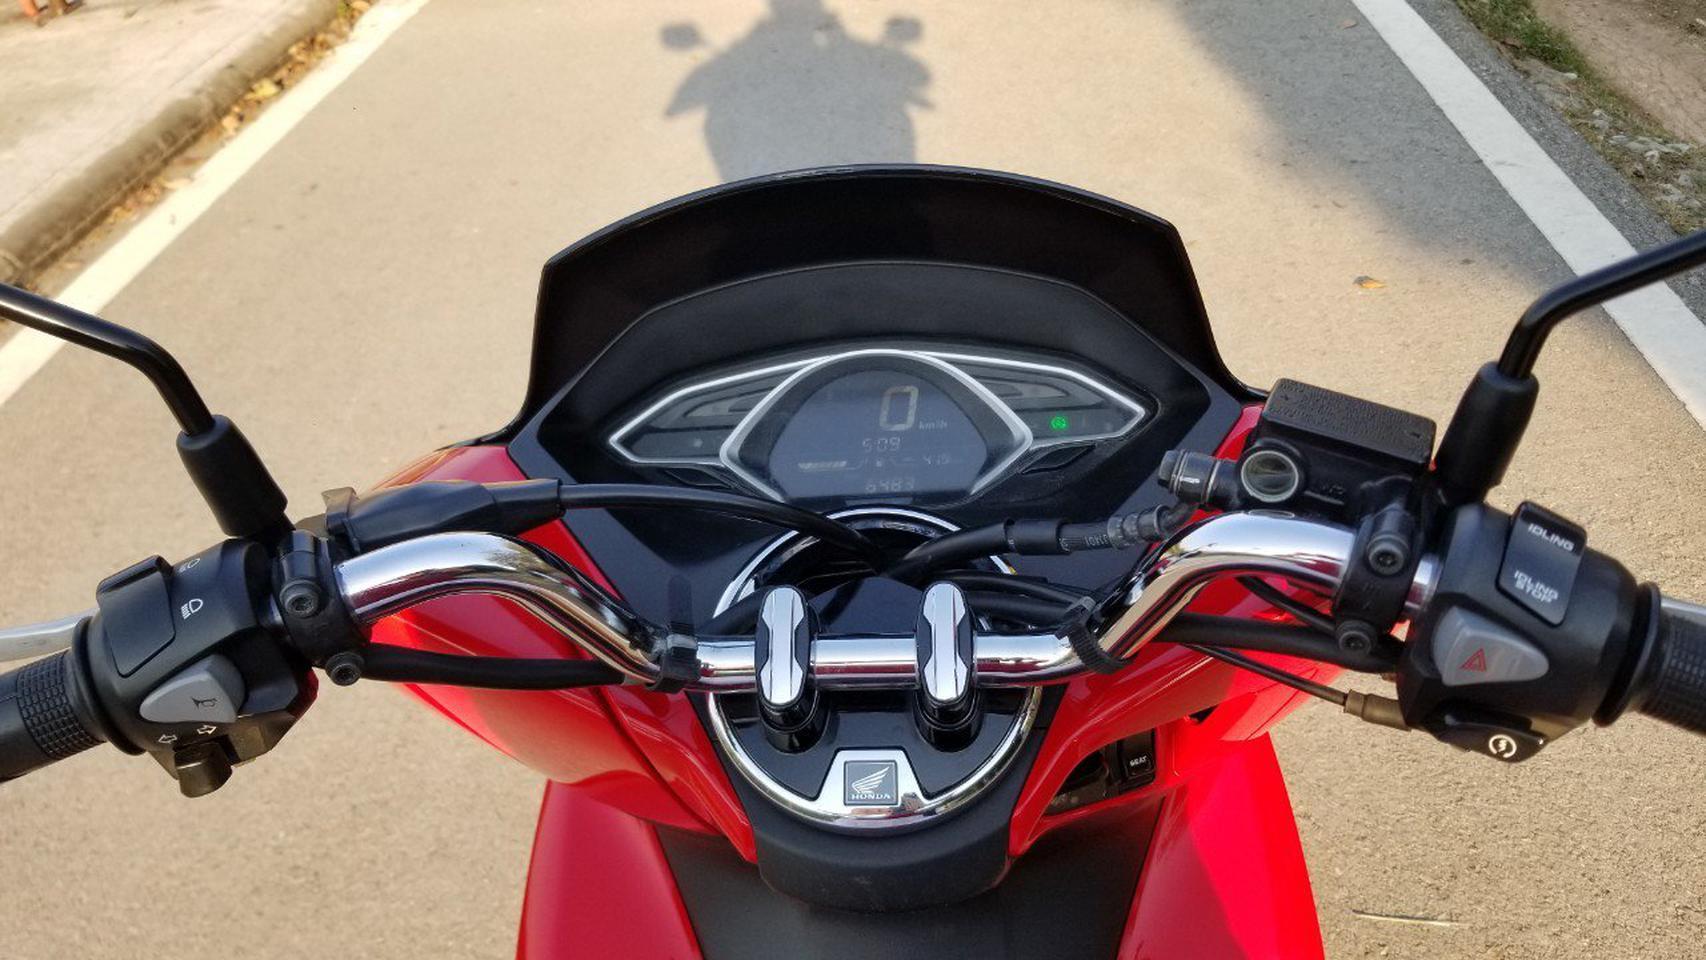 ขาย Honda New PCX 150 ปี 2020 รูปที่ 3